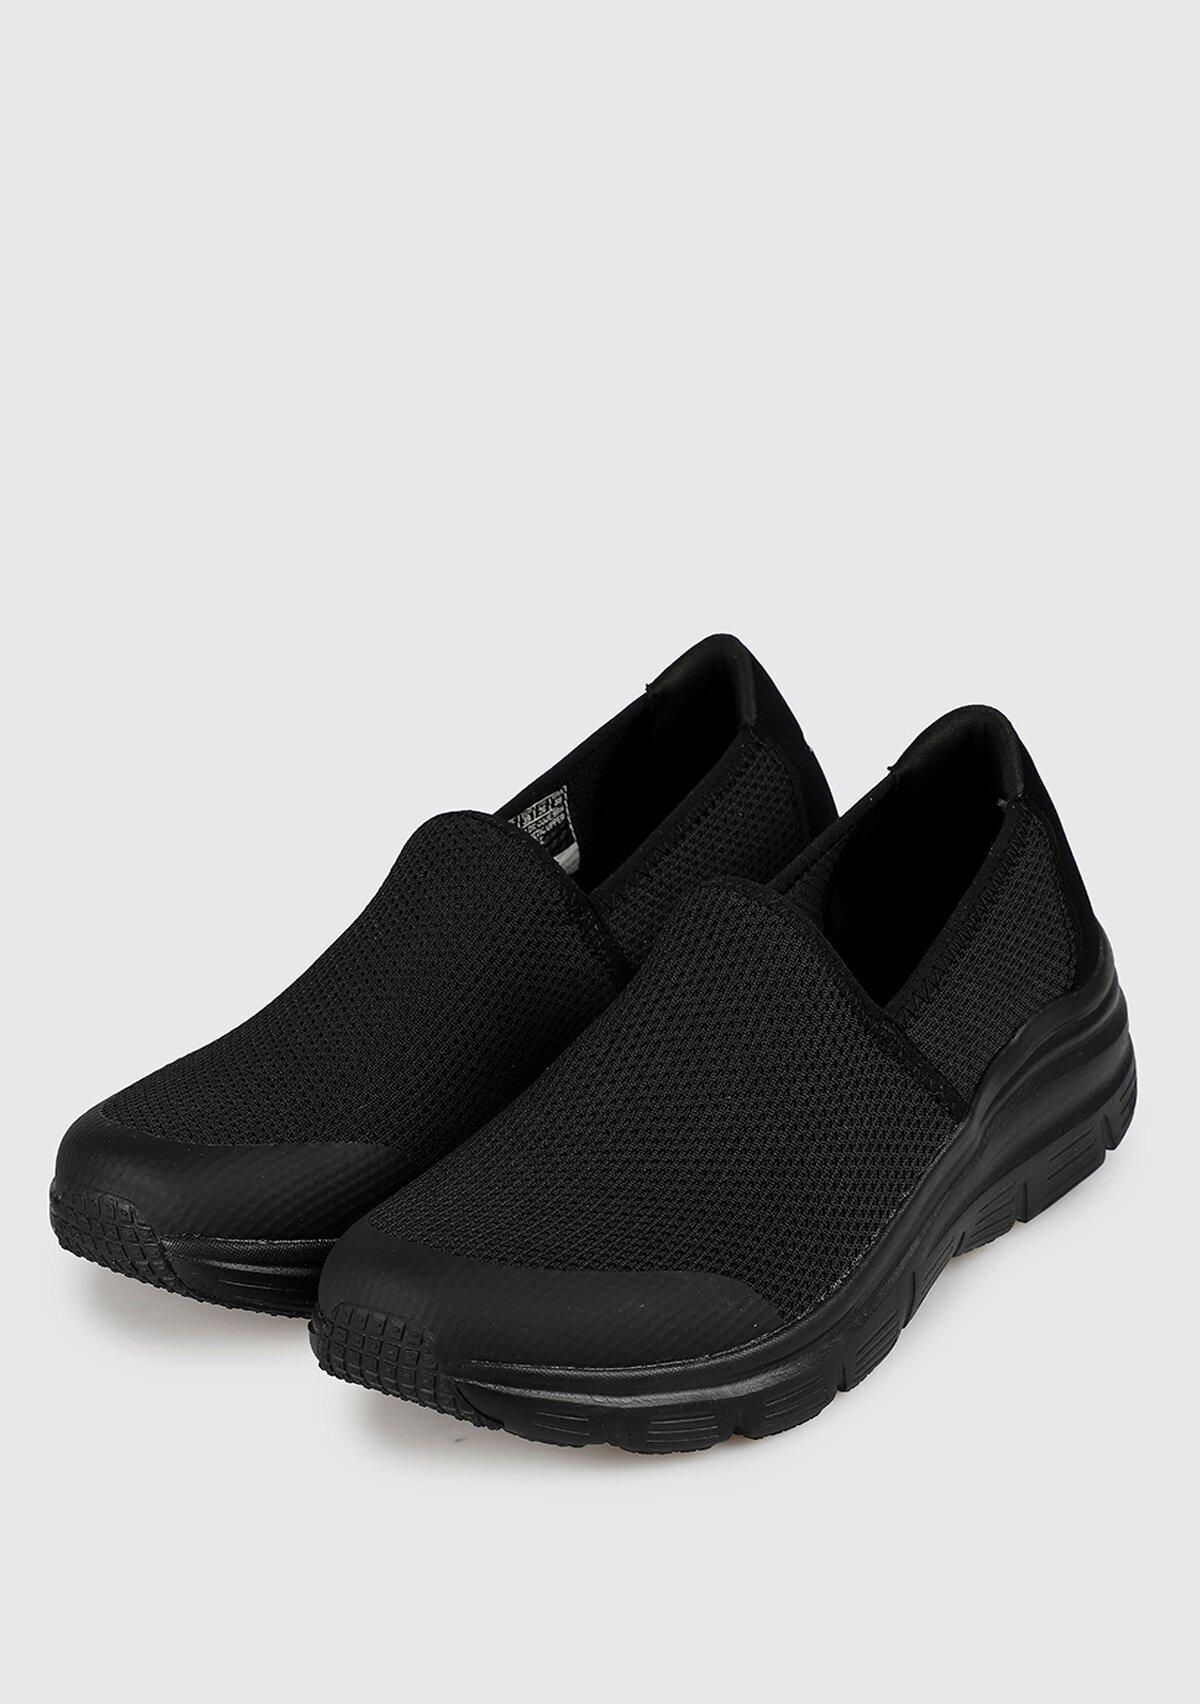 resm Siyah Kadın Sneaker 13312Bbk